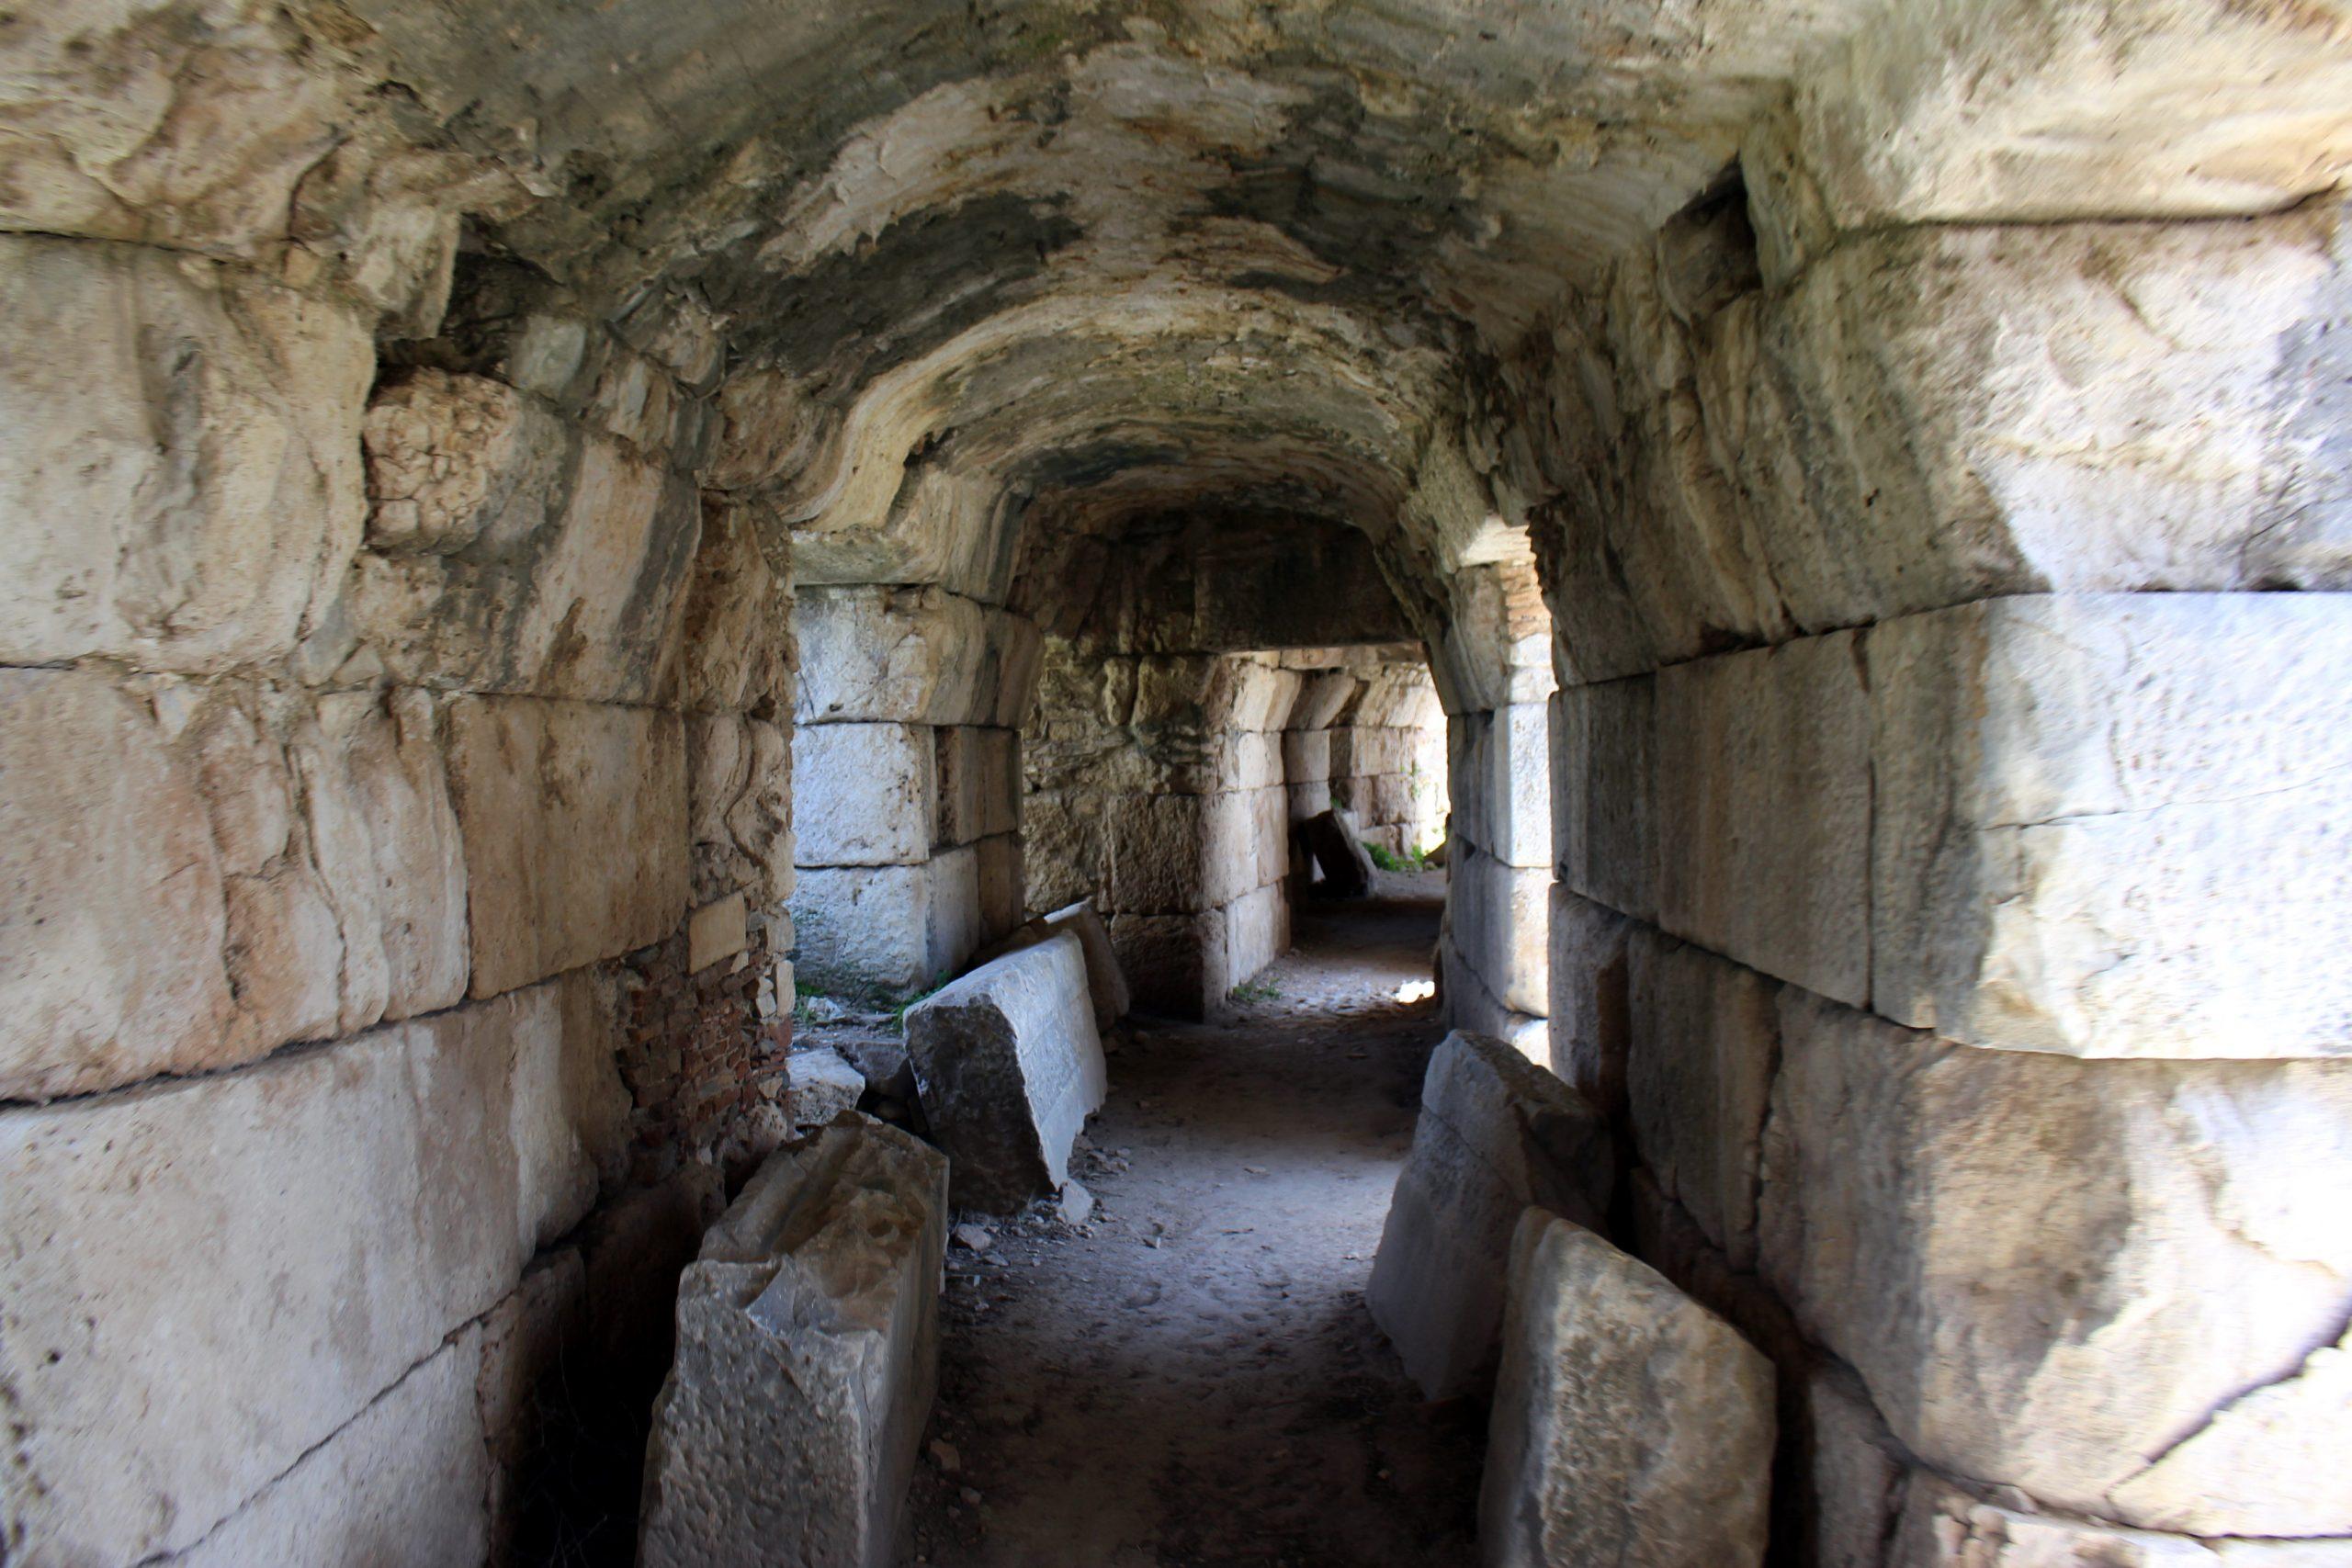 Tuneli amfitetara koji su vodili do sedista gledalaca